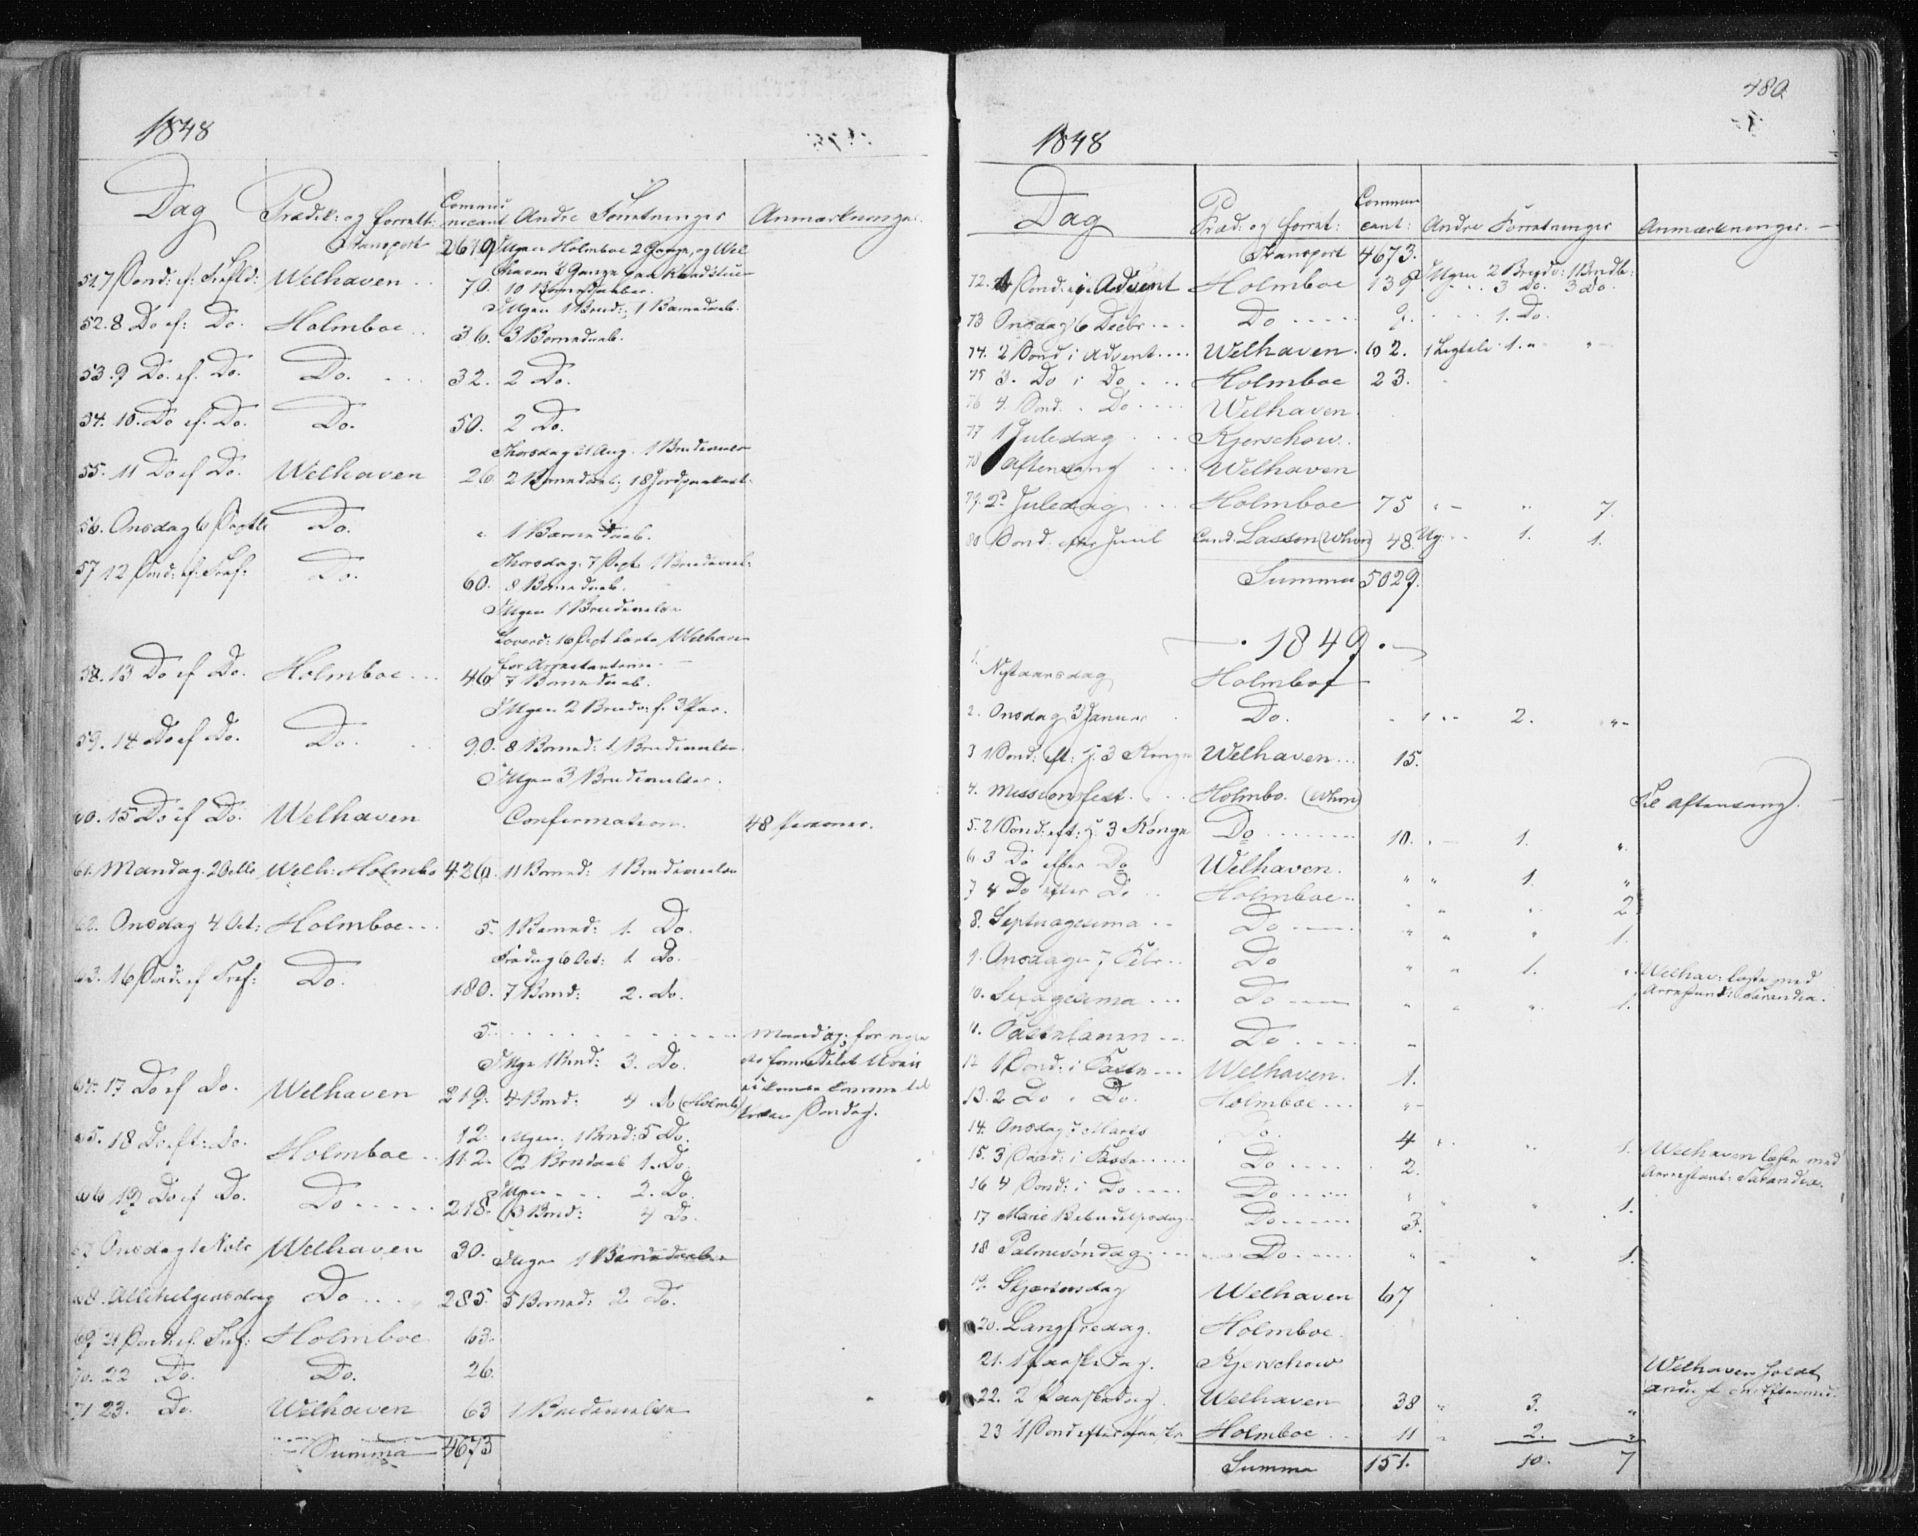 SATØ, Tromsø sokneprestkontor/stiftsprosti/domprosti, G/Ga/L0010kirke: Ministerialbok nr. 10, 1848-1855, s. 480